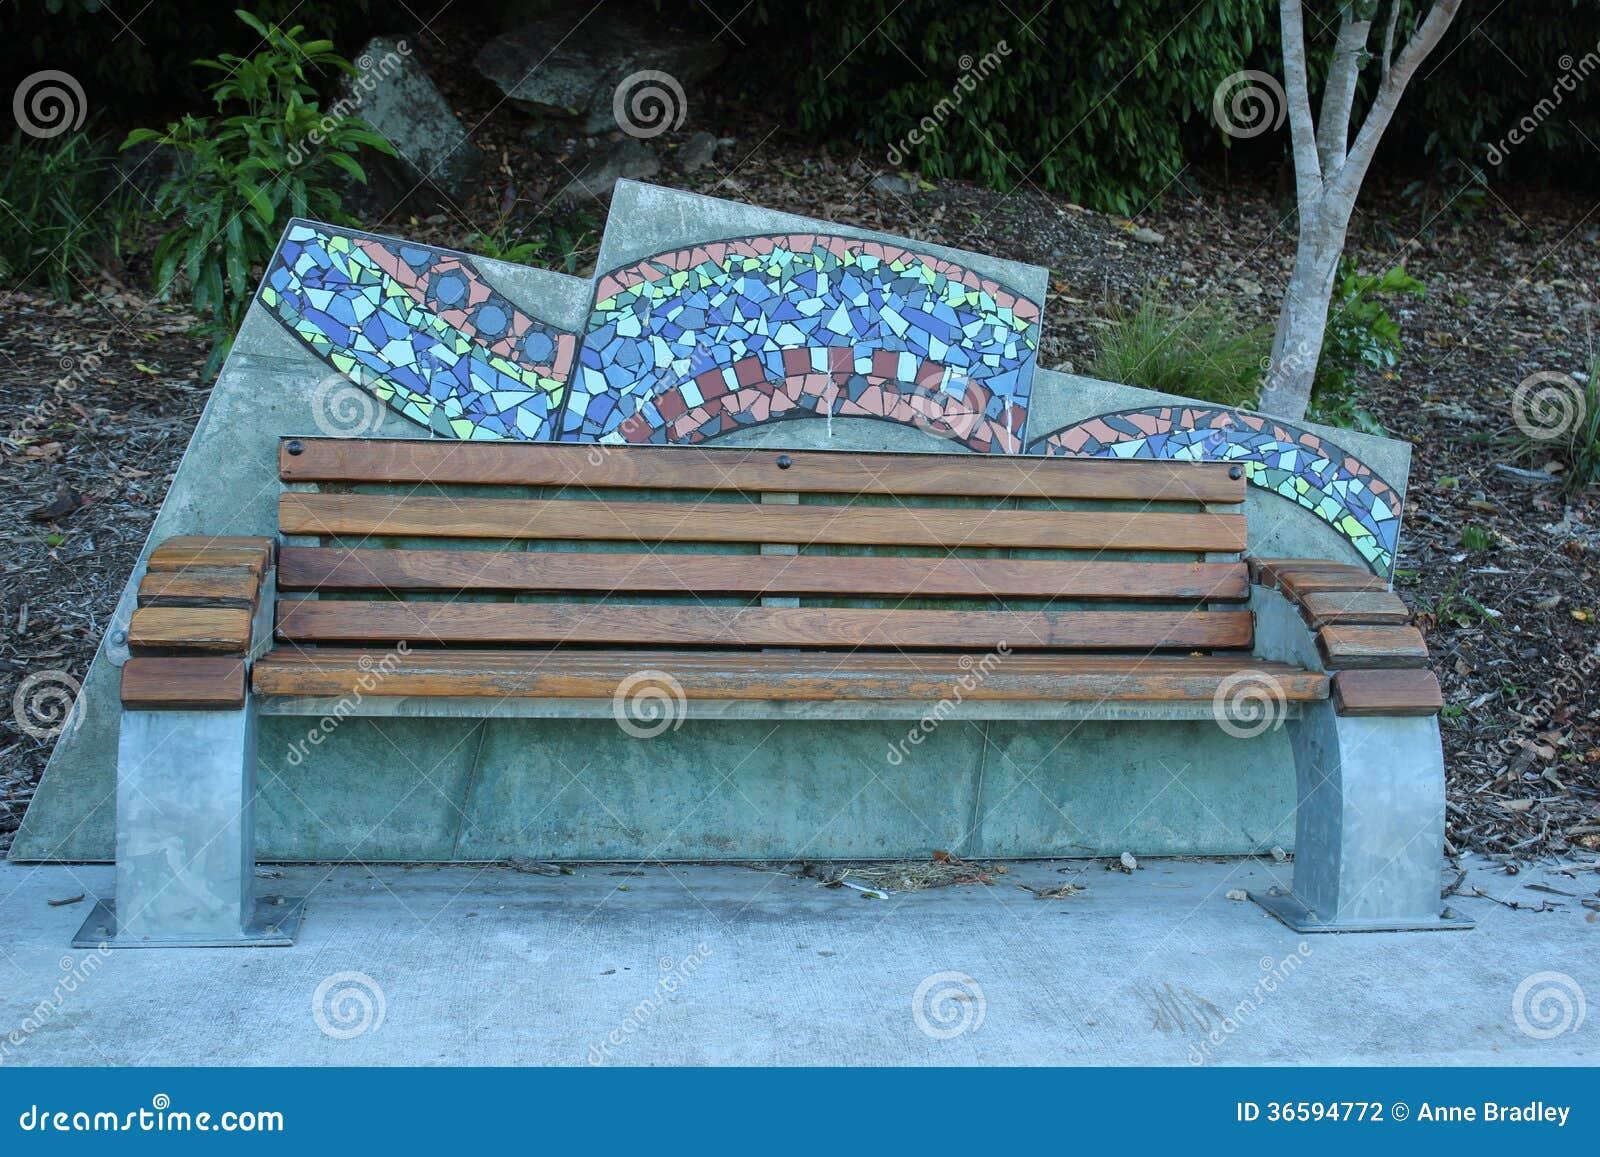 与马赛克蓝球板的公园长椅在河晃动公园布里斯班.图片